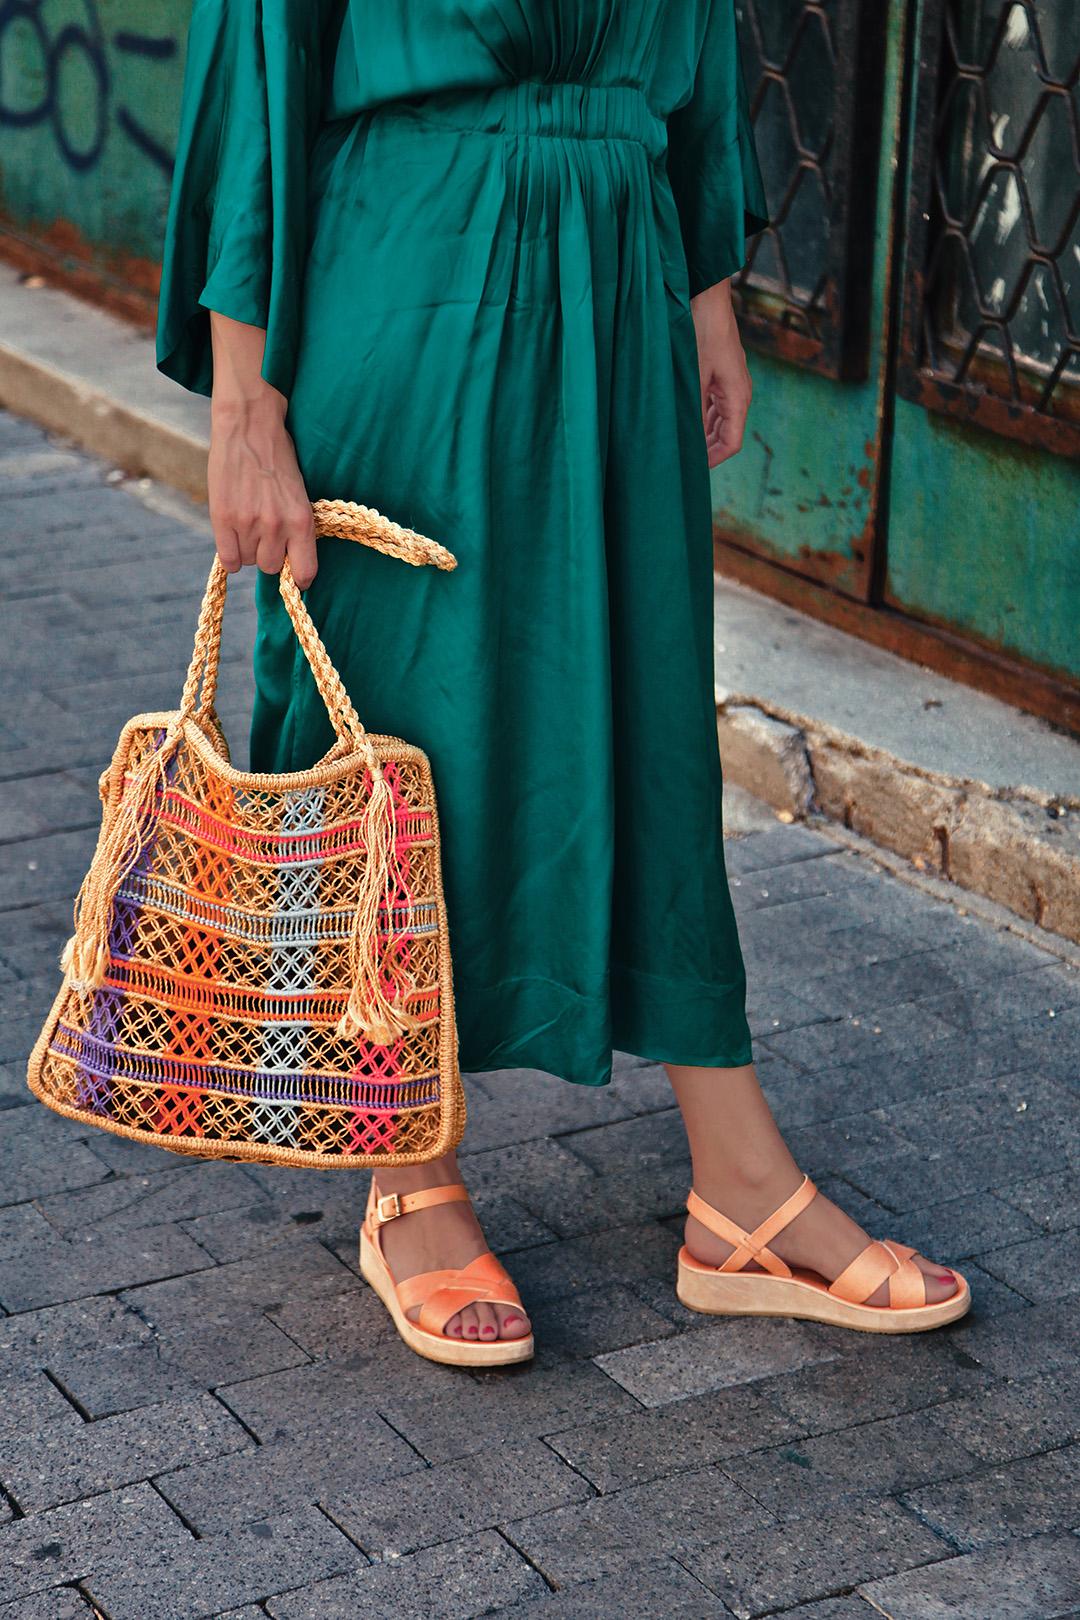 sandale apc rochie inwear geanta de rafie